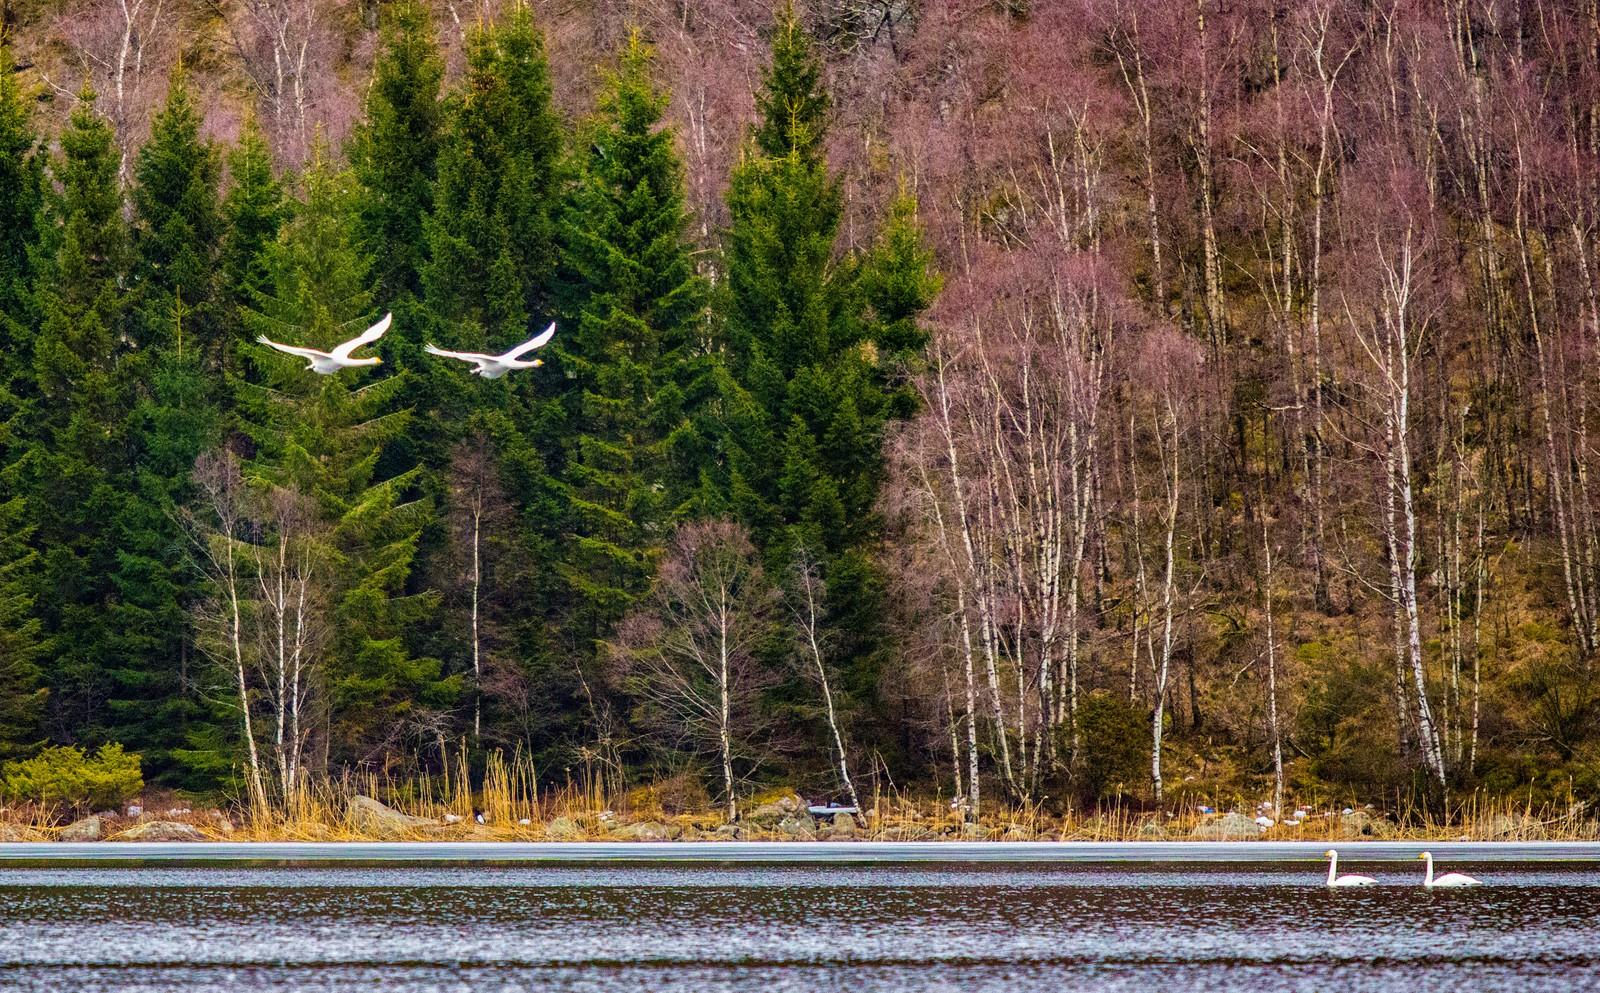 Svanene er tilbake i Eptavatnet i Eigersund.